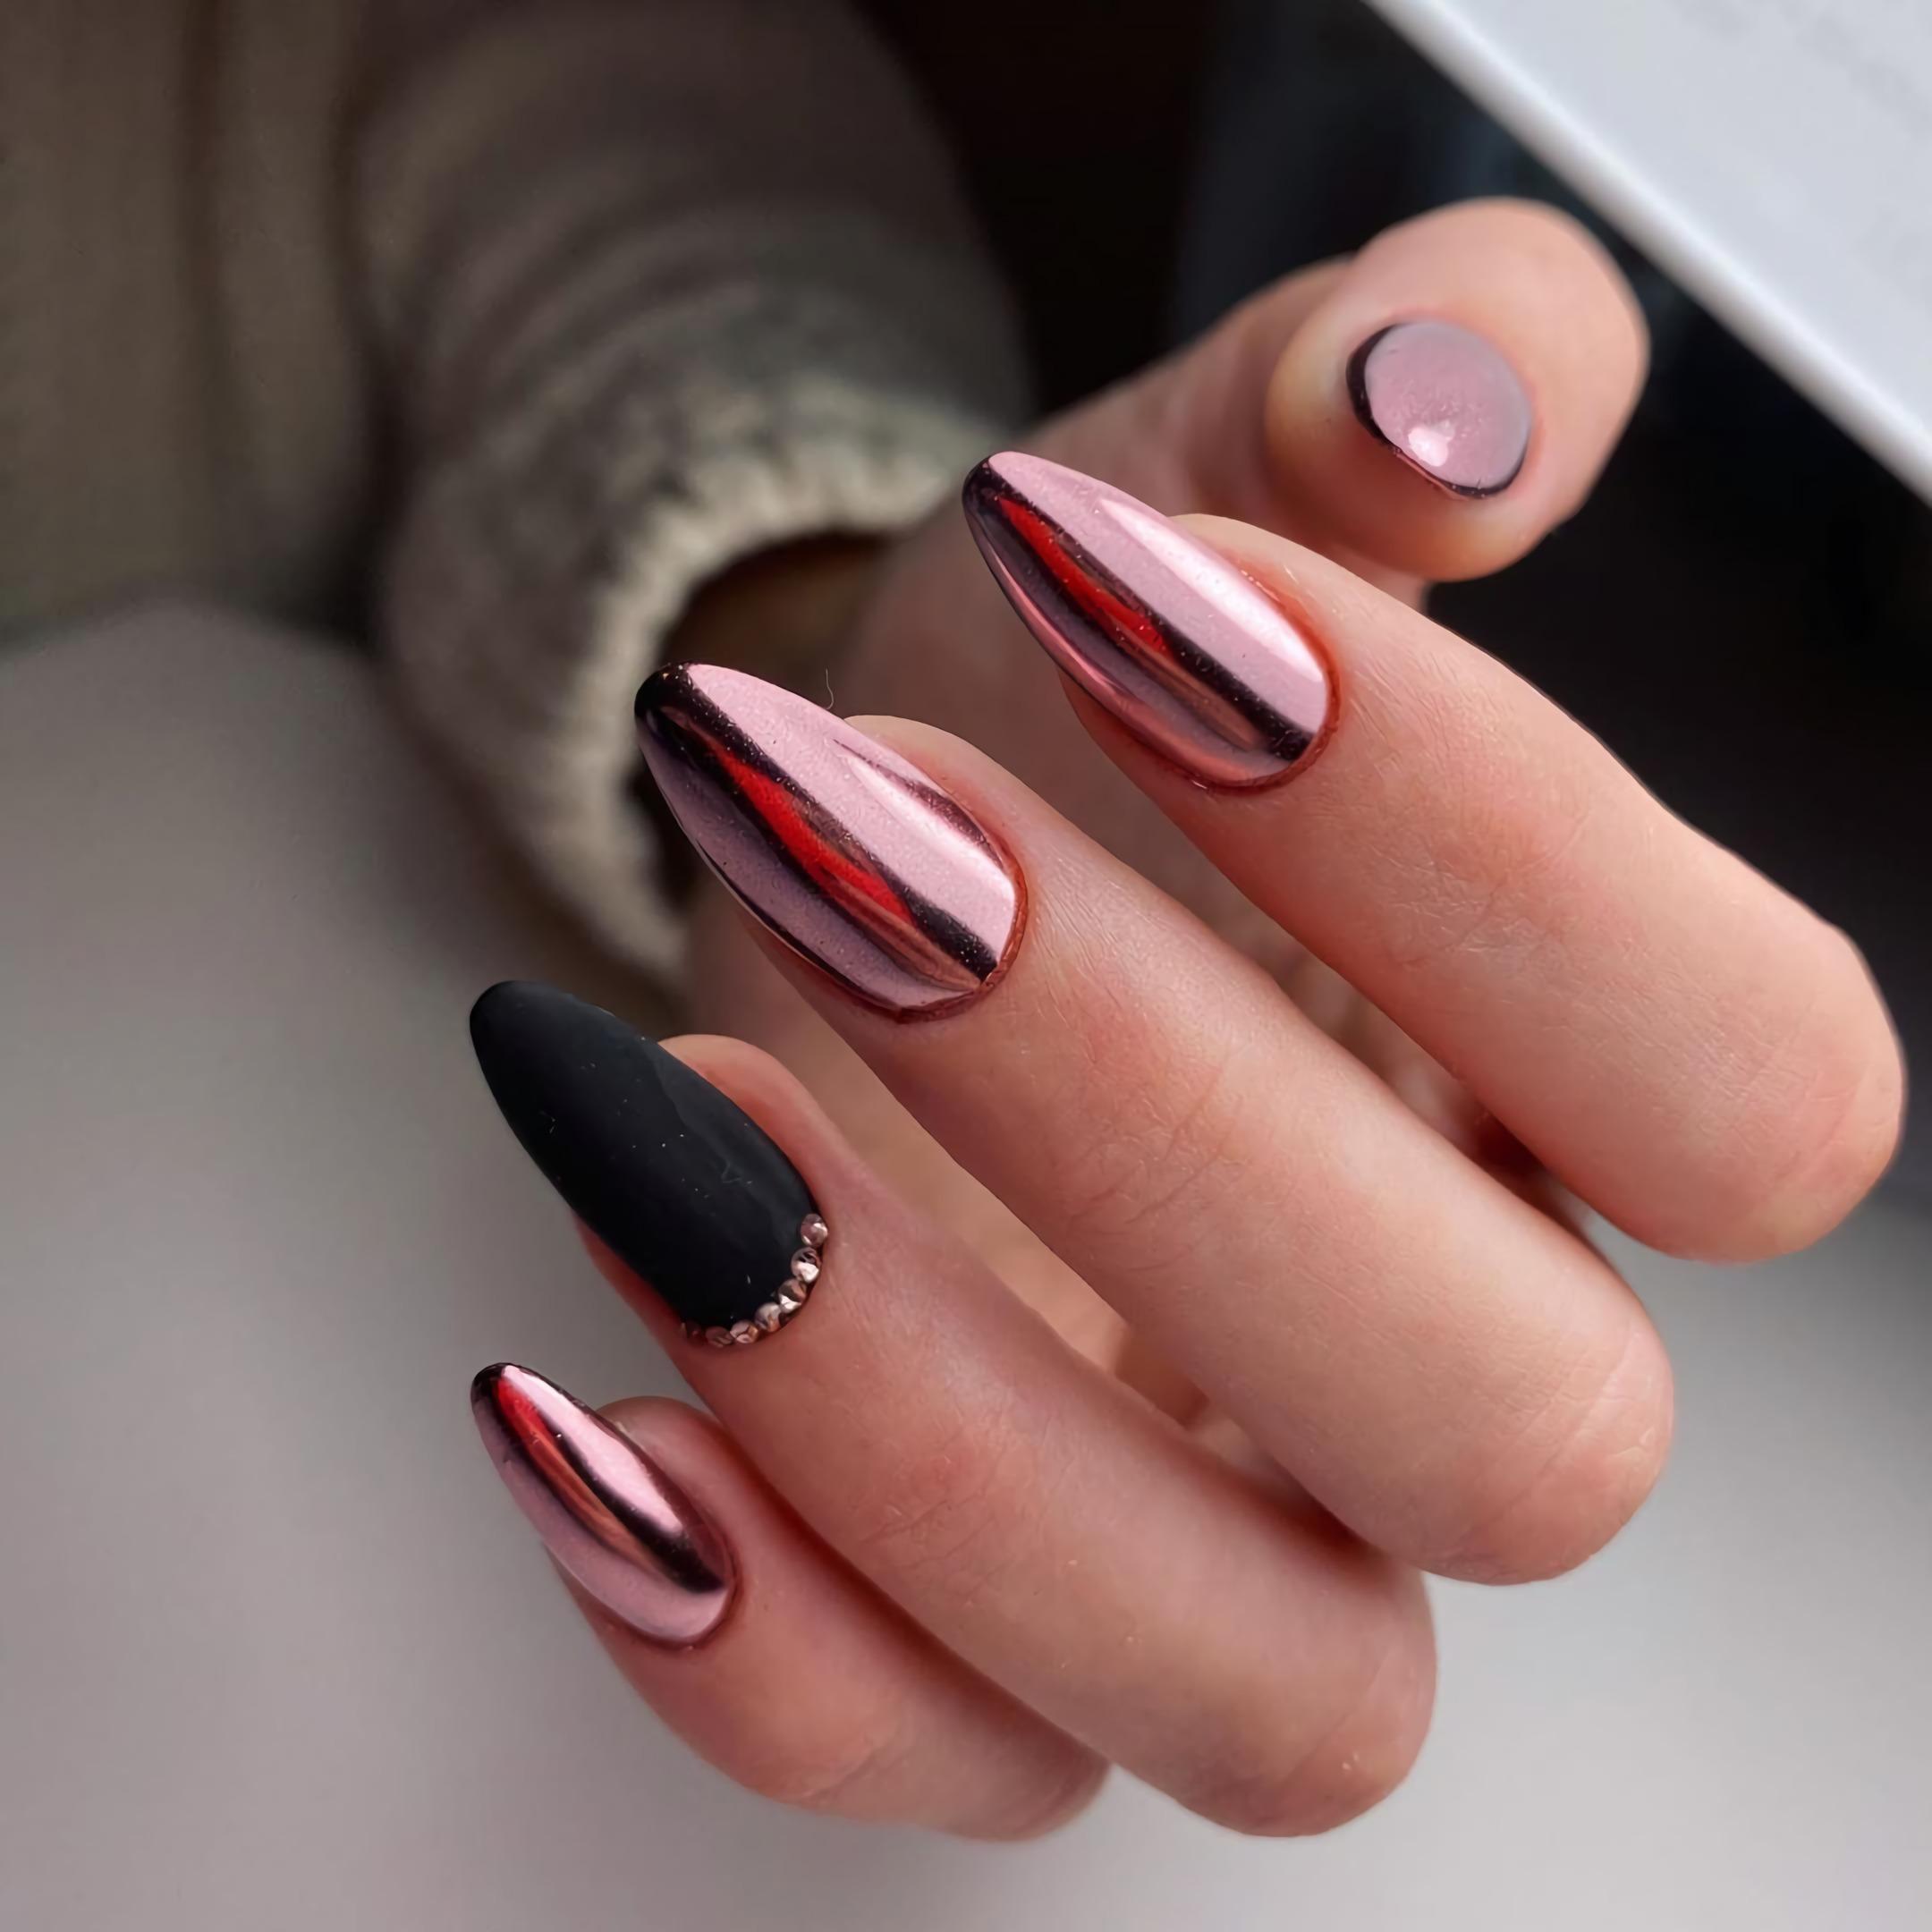 стильный металлический маникюр на кроткие ногти